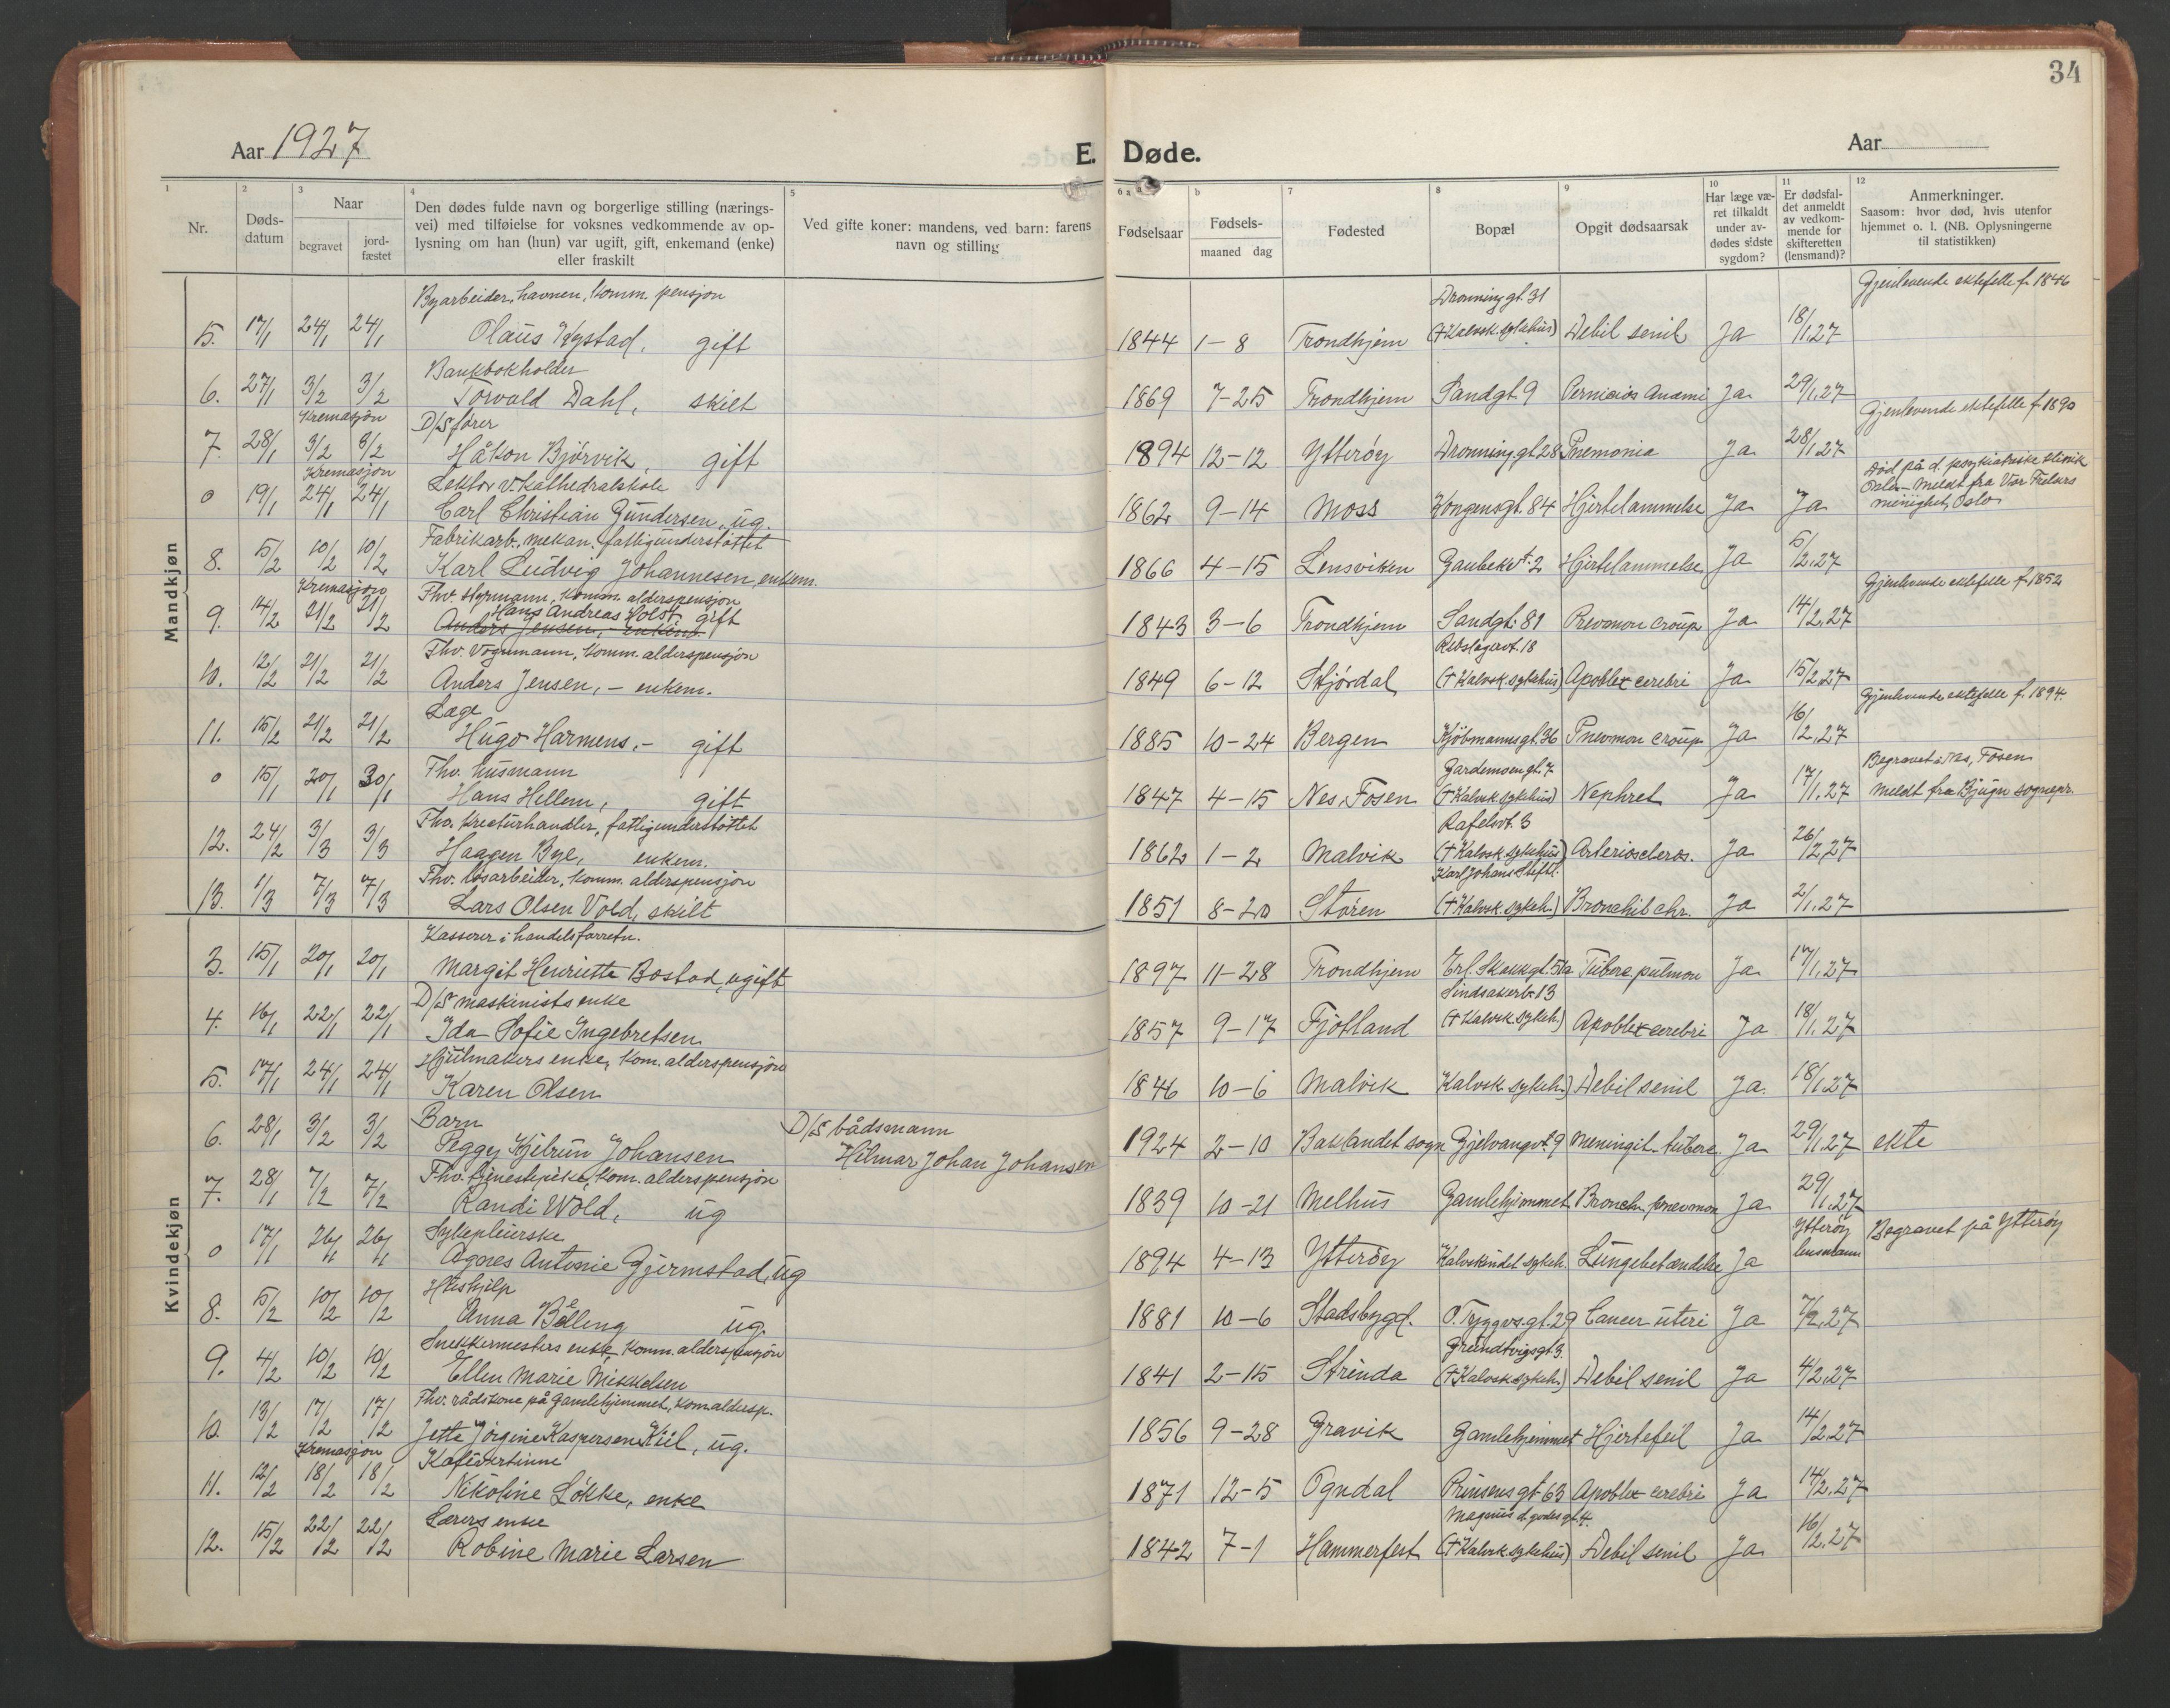 SAT, Ministerialprotokoller, klokkerbøker og fødselsregistre - Sør-Trøndelag, 602/L0150: Klokkerbok nr. 602C18, 1922-1949, s. 34